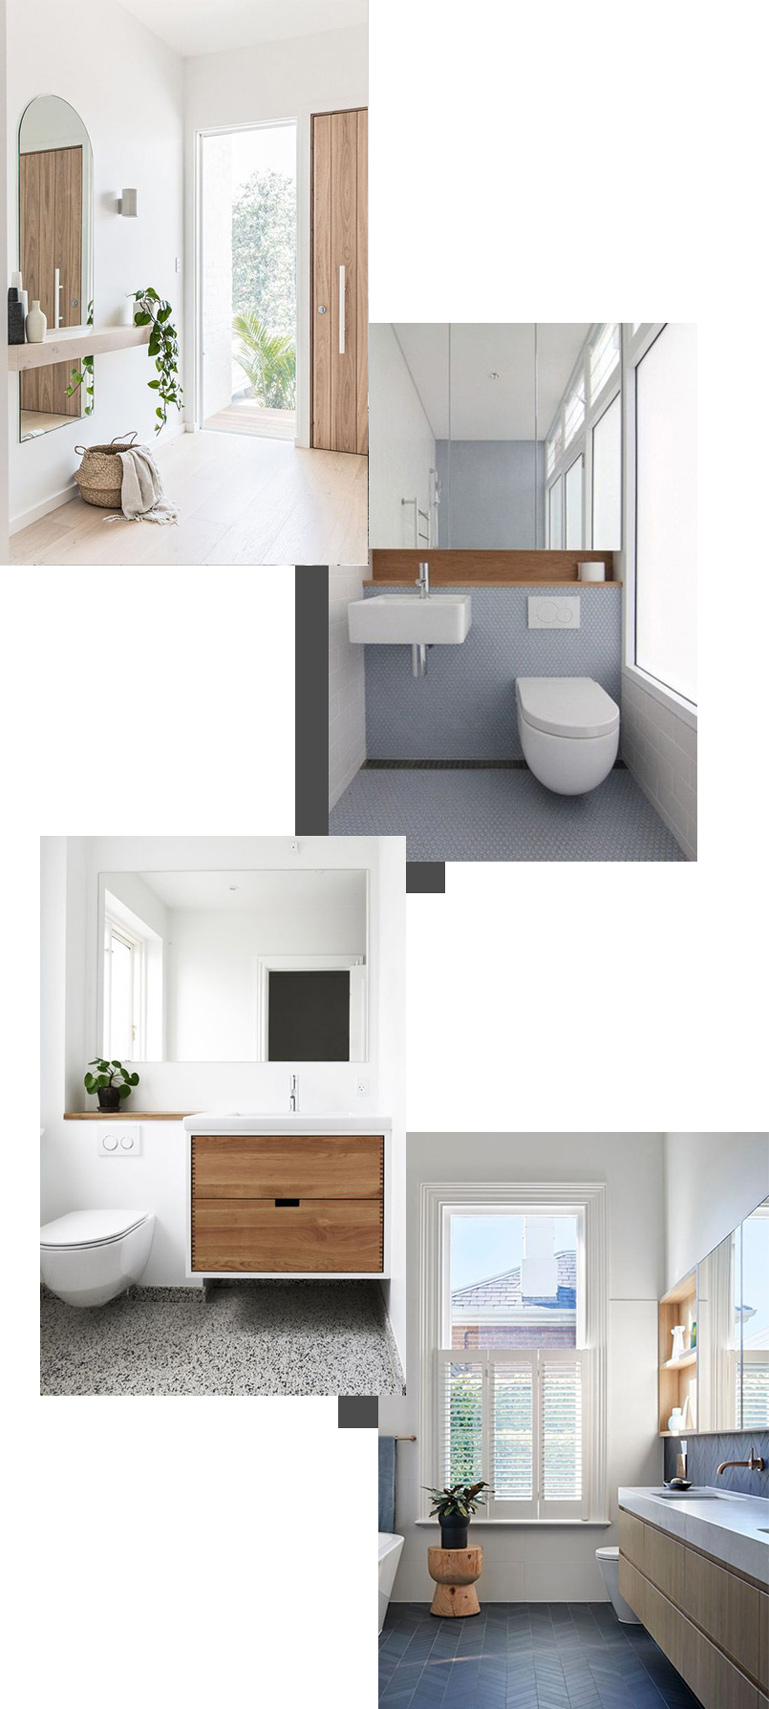 Photo of Scegli lo specchio giusto per il bagno piccolo. Blog di interni